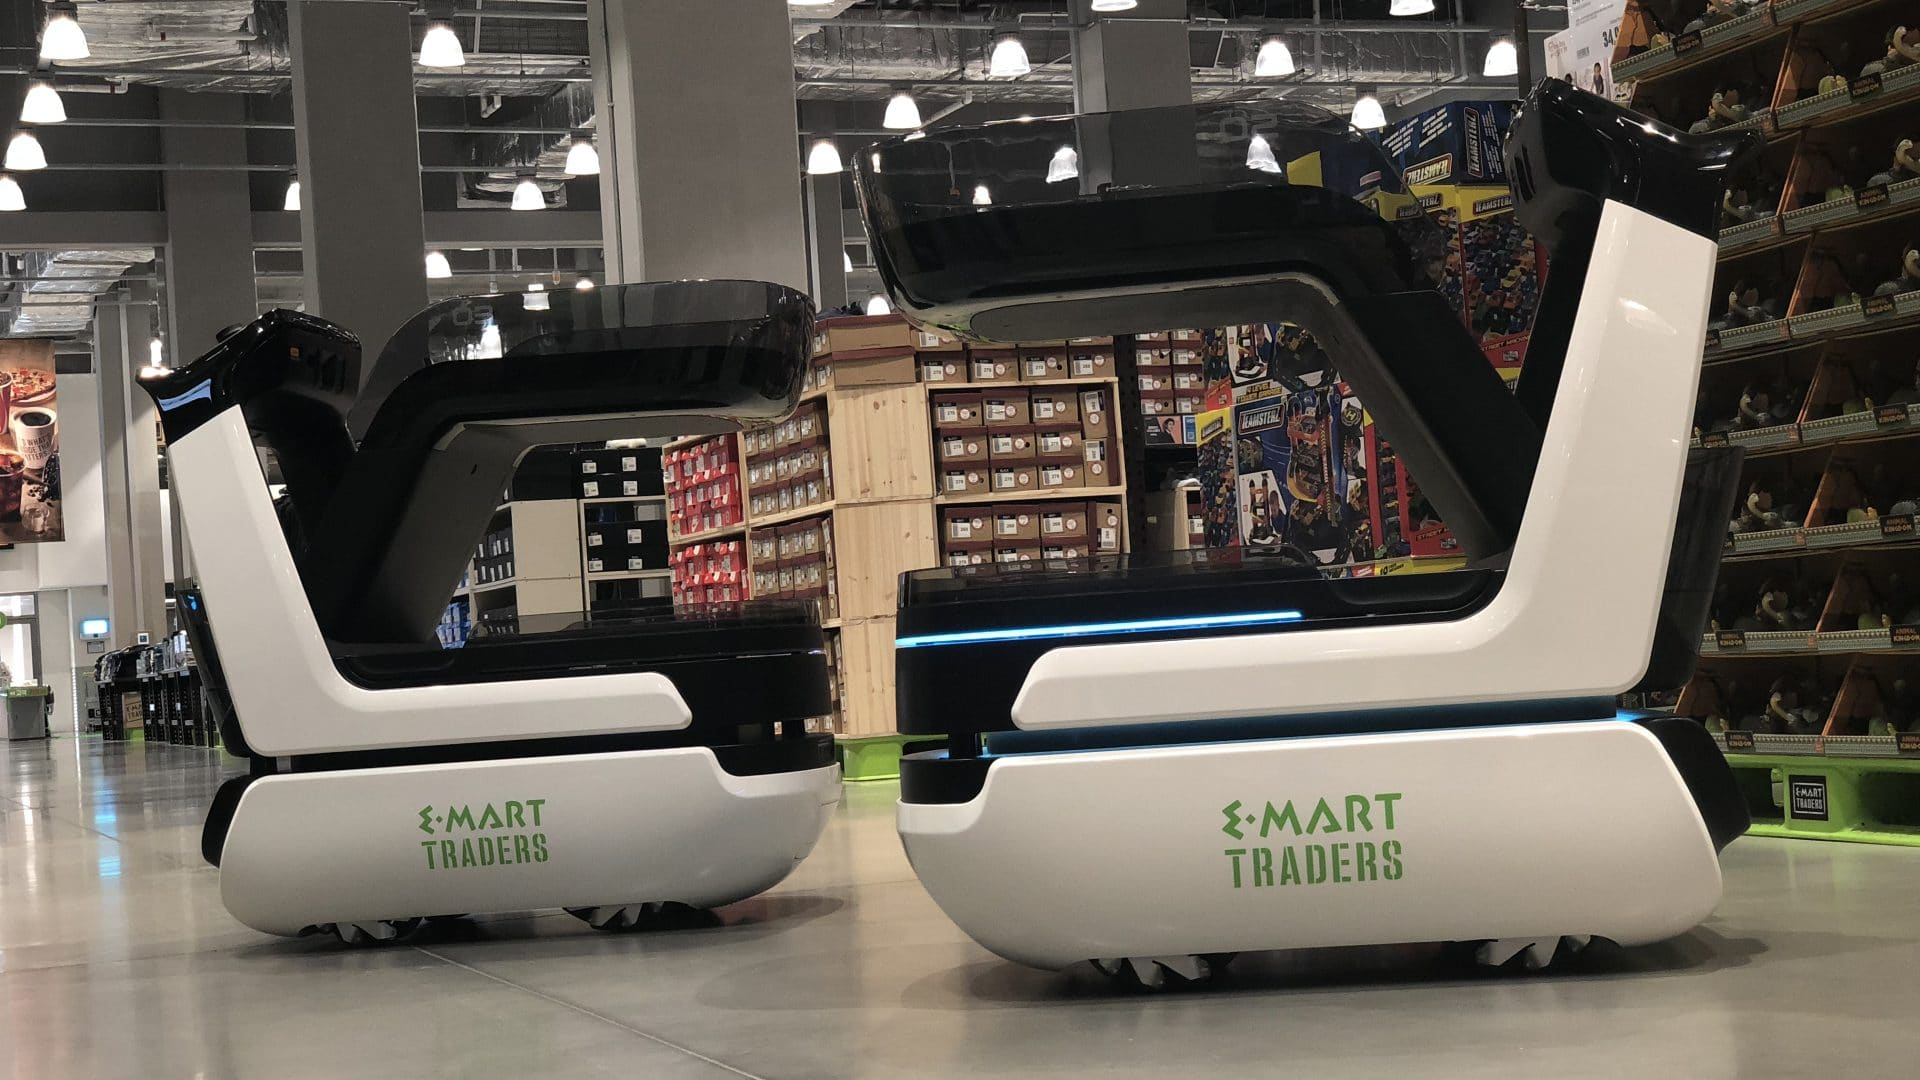 Robotnik fabrica el primer carro de la compra inteligente